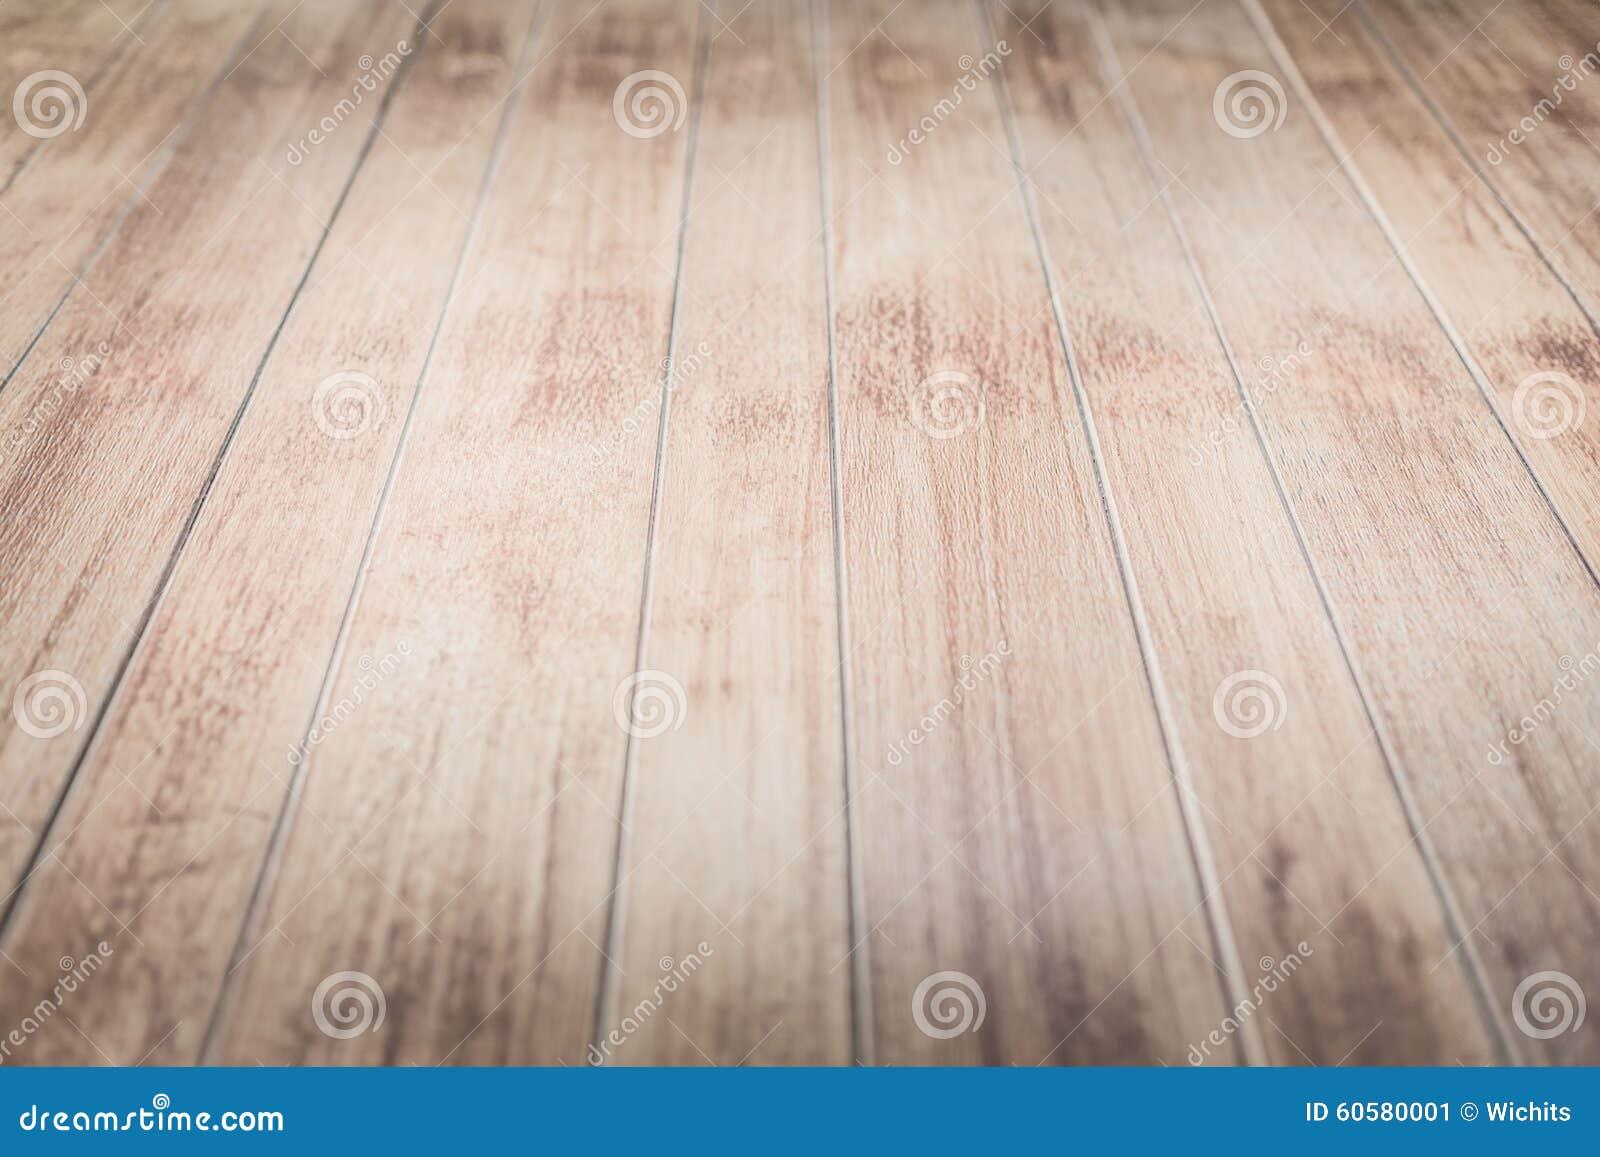 fond de plancher en bois blanchi image stock - image du menuiserie